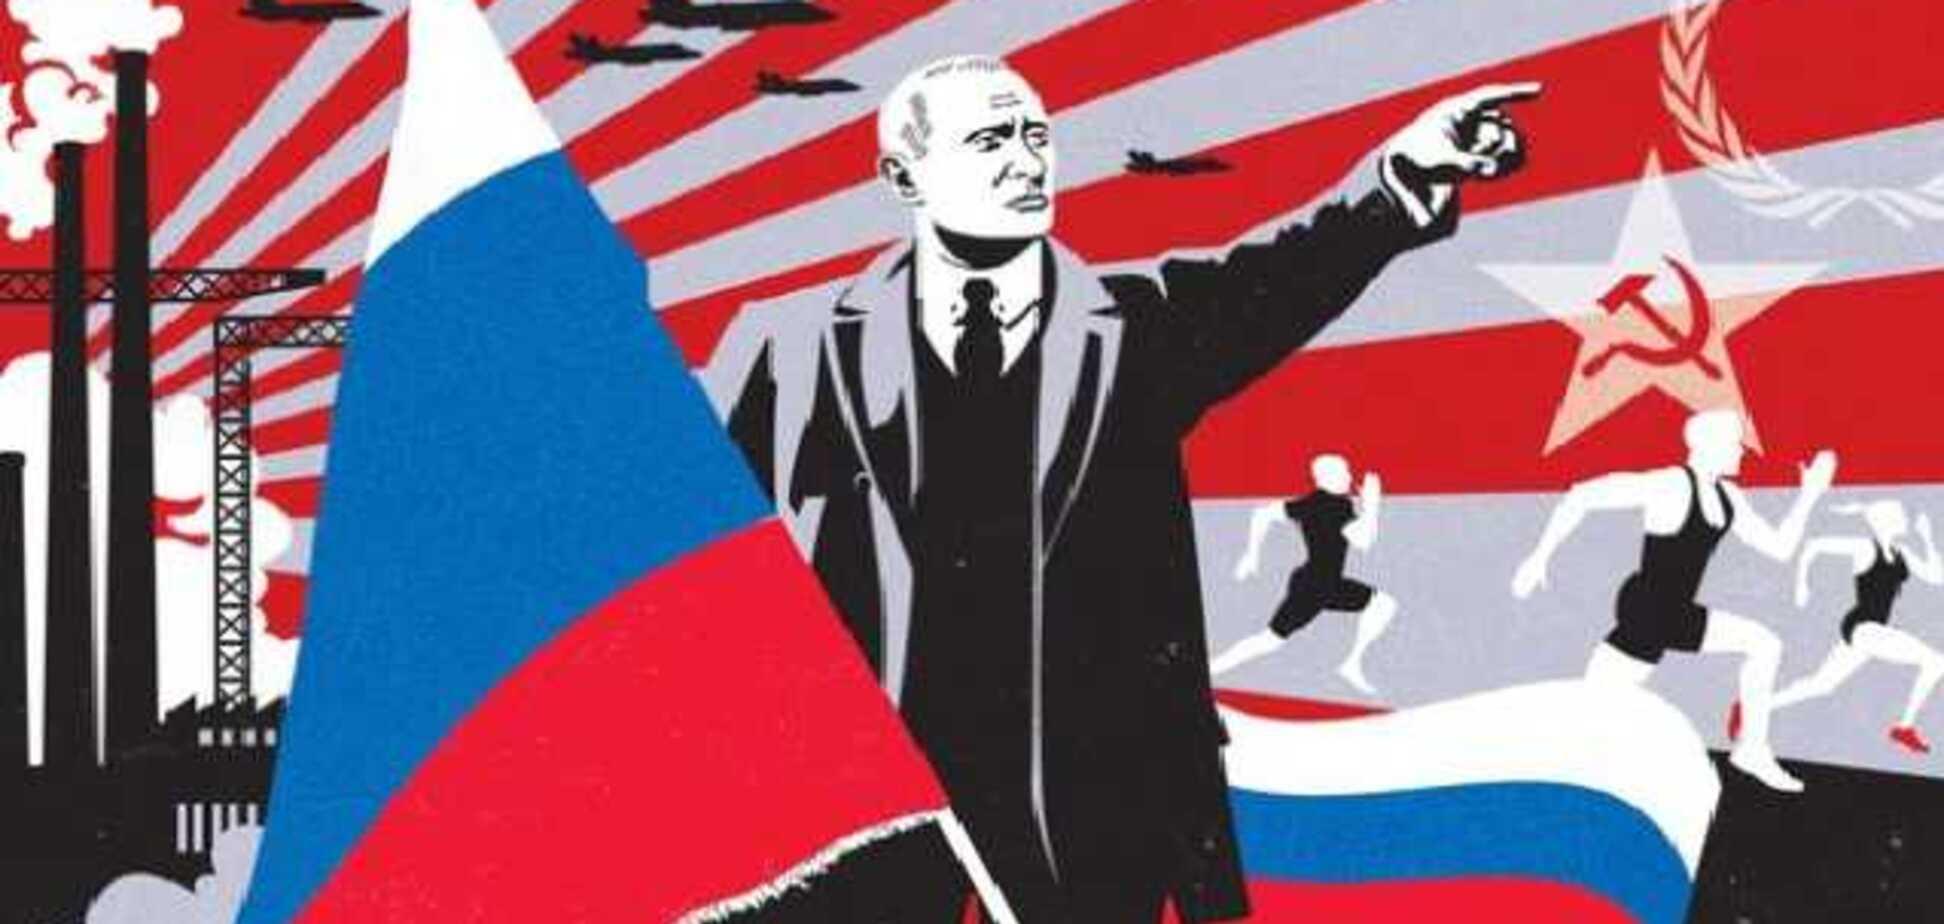 Почему Россия скрыла документы о Второй мировой и откуда взялось 'на Украине': историк пояснил суть